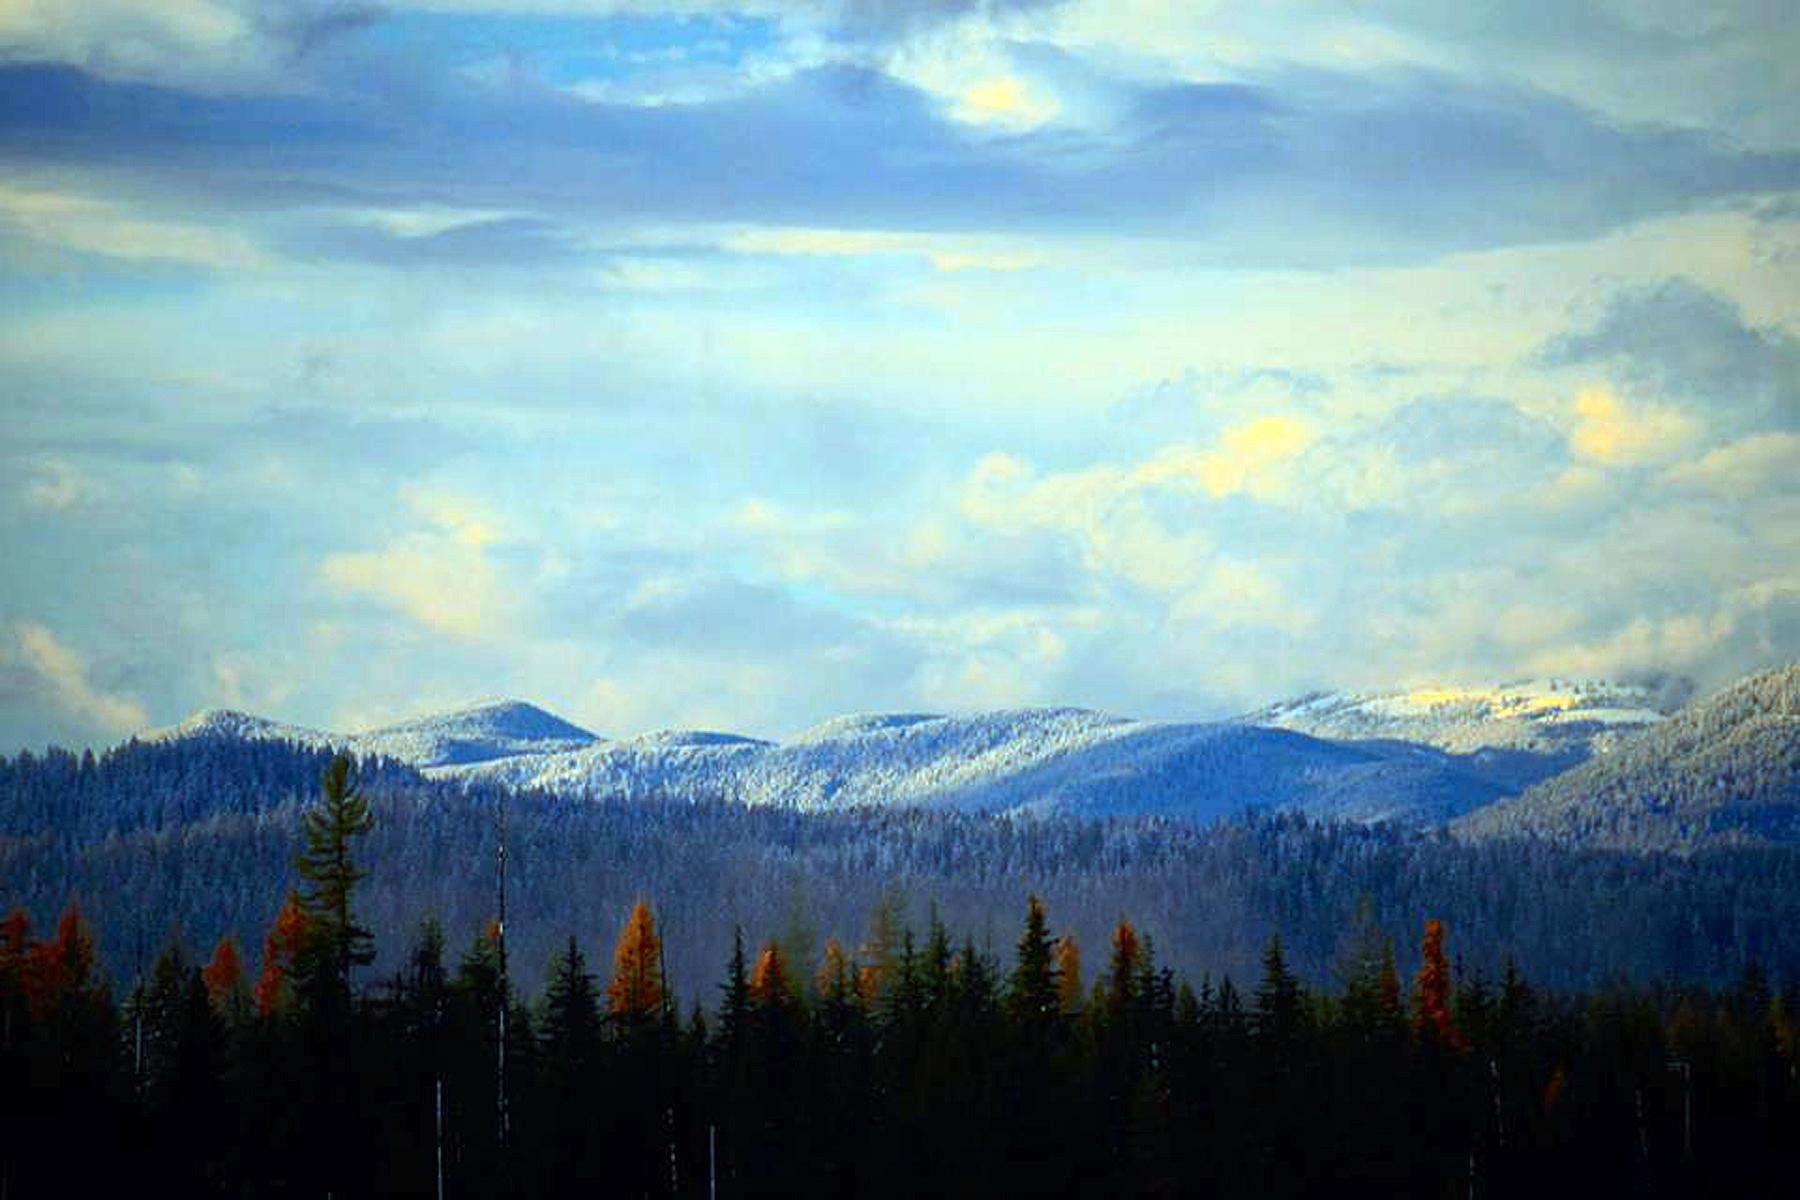 Terreno por un Venta en BUSHWOOD ESTATES Lot 6 1598 Lost Creek Rd Coolin, Idaho, 83821 Estados Unidos